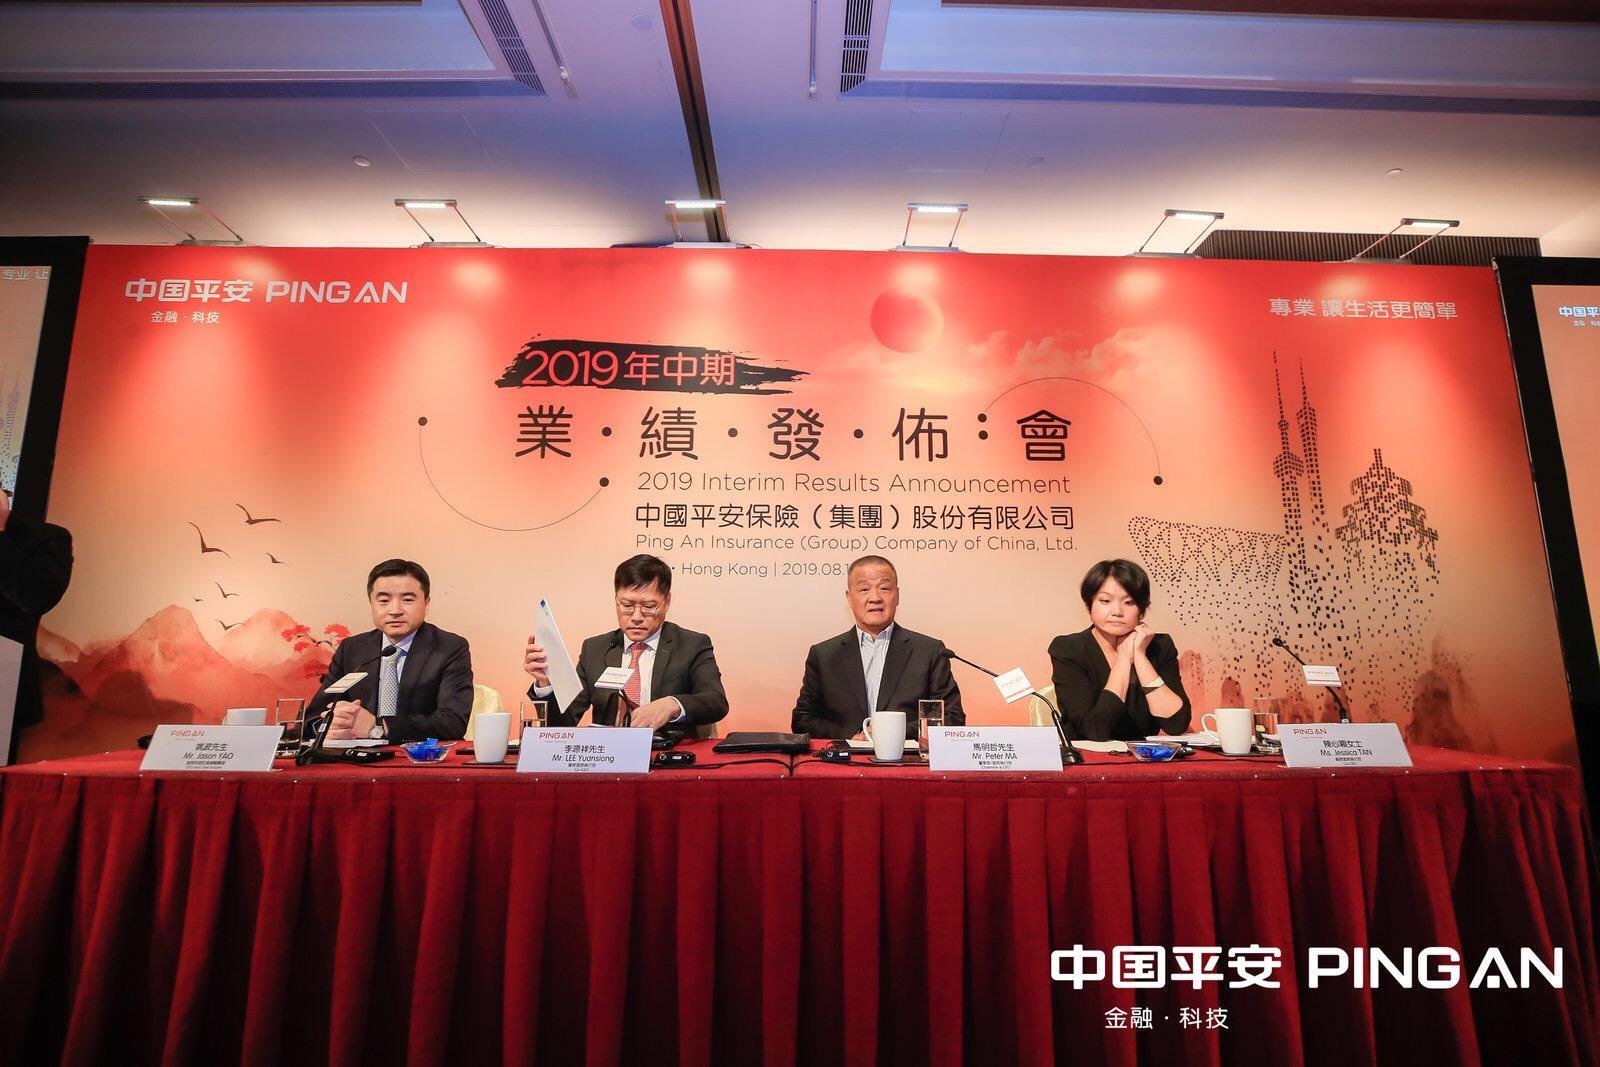 中国平安(601318.SH/2318.HK)业绩会亮点问答:营利强劲、投资稳健、科技转化效果明显